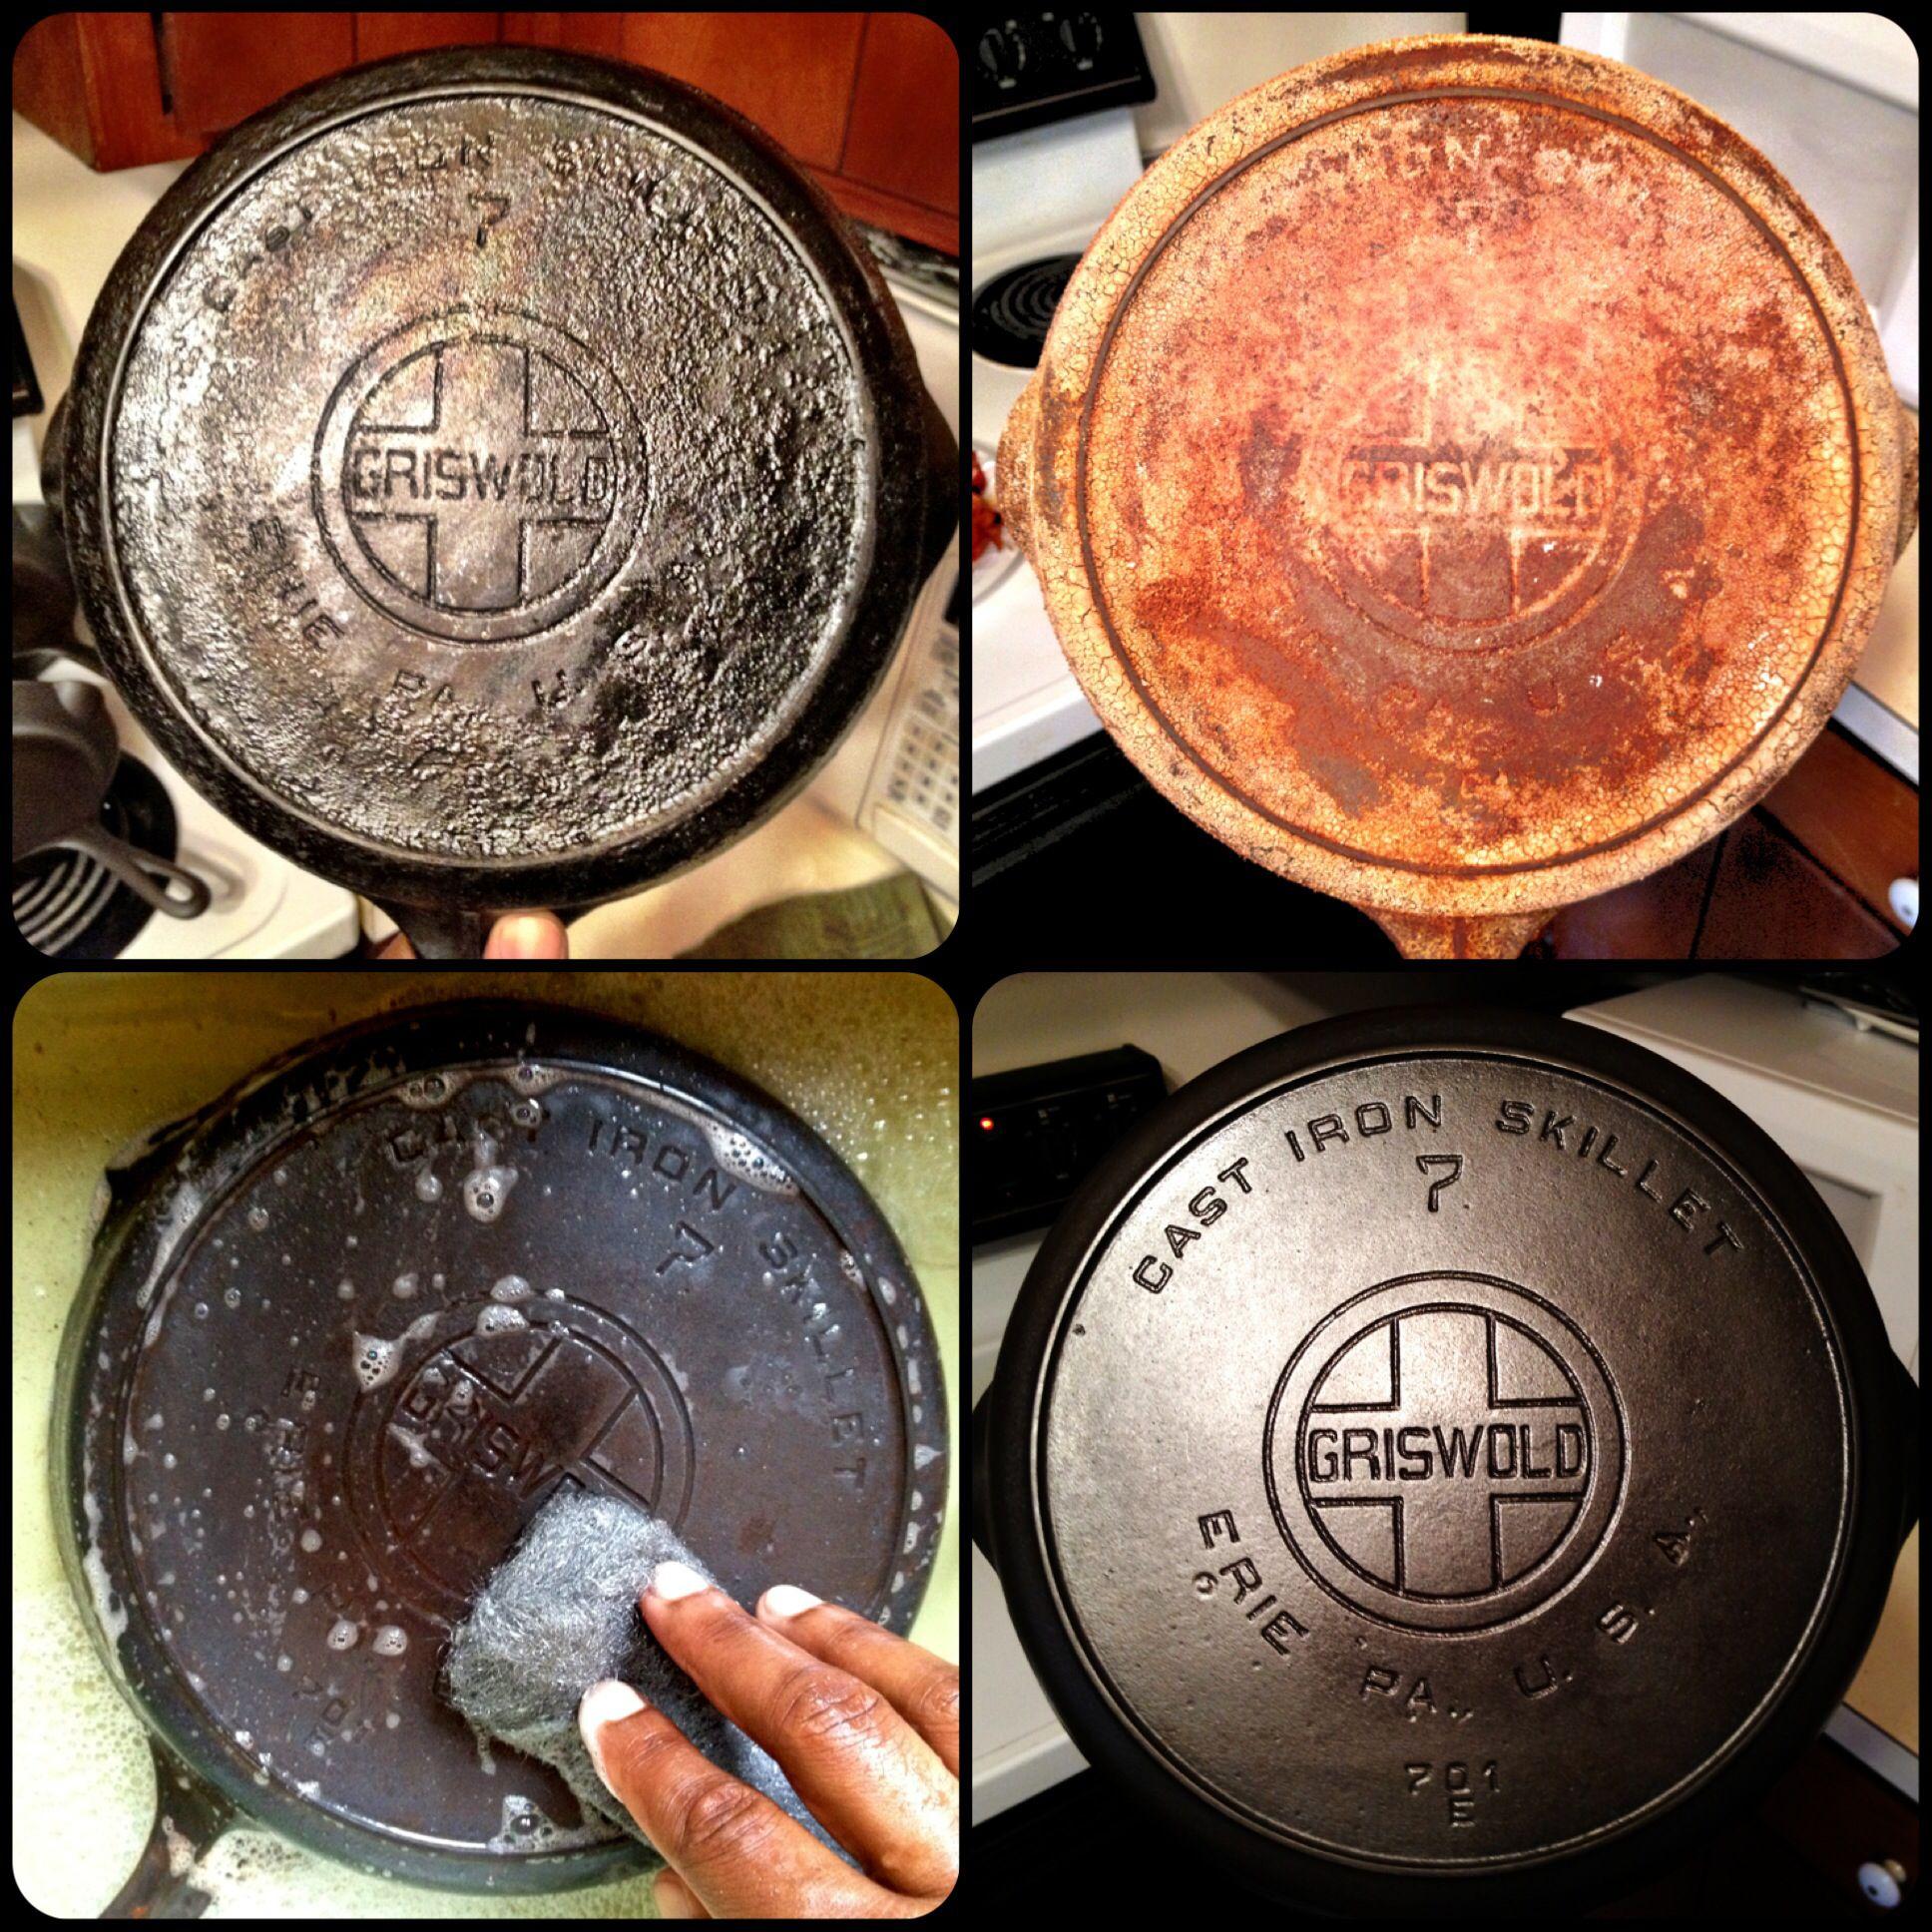 Restoring A Griswold 7 Large Block Epu Skillet Castiron Griswold Skillet Cookware Vintage Antique Restoration